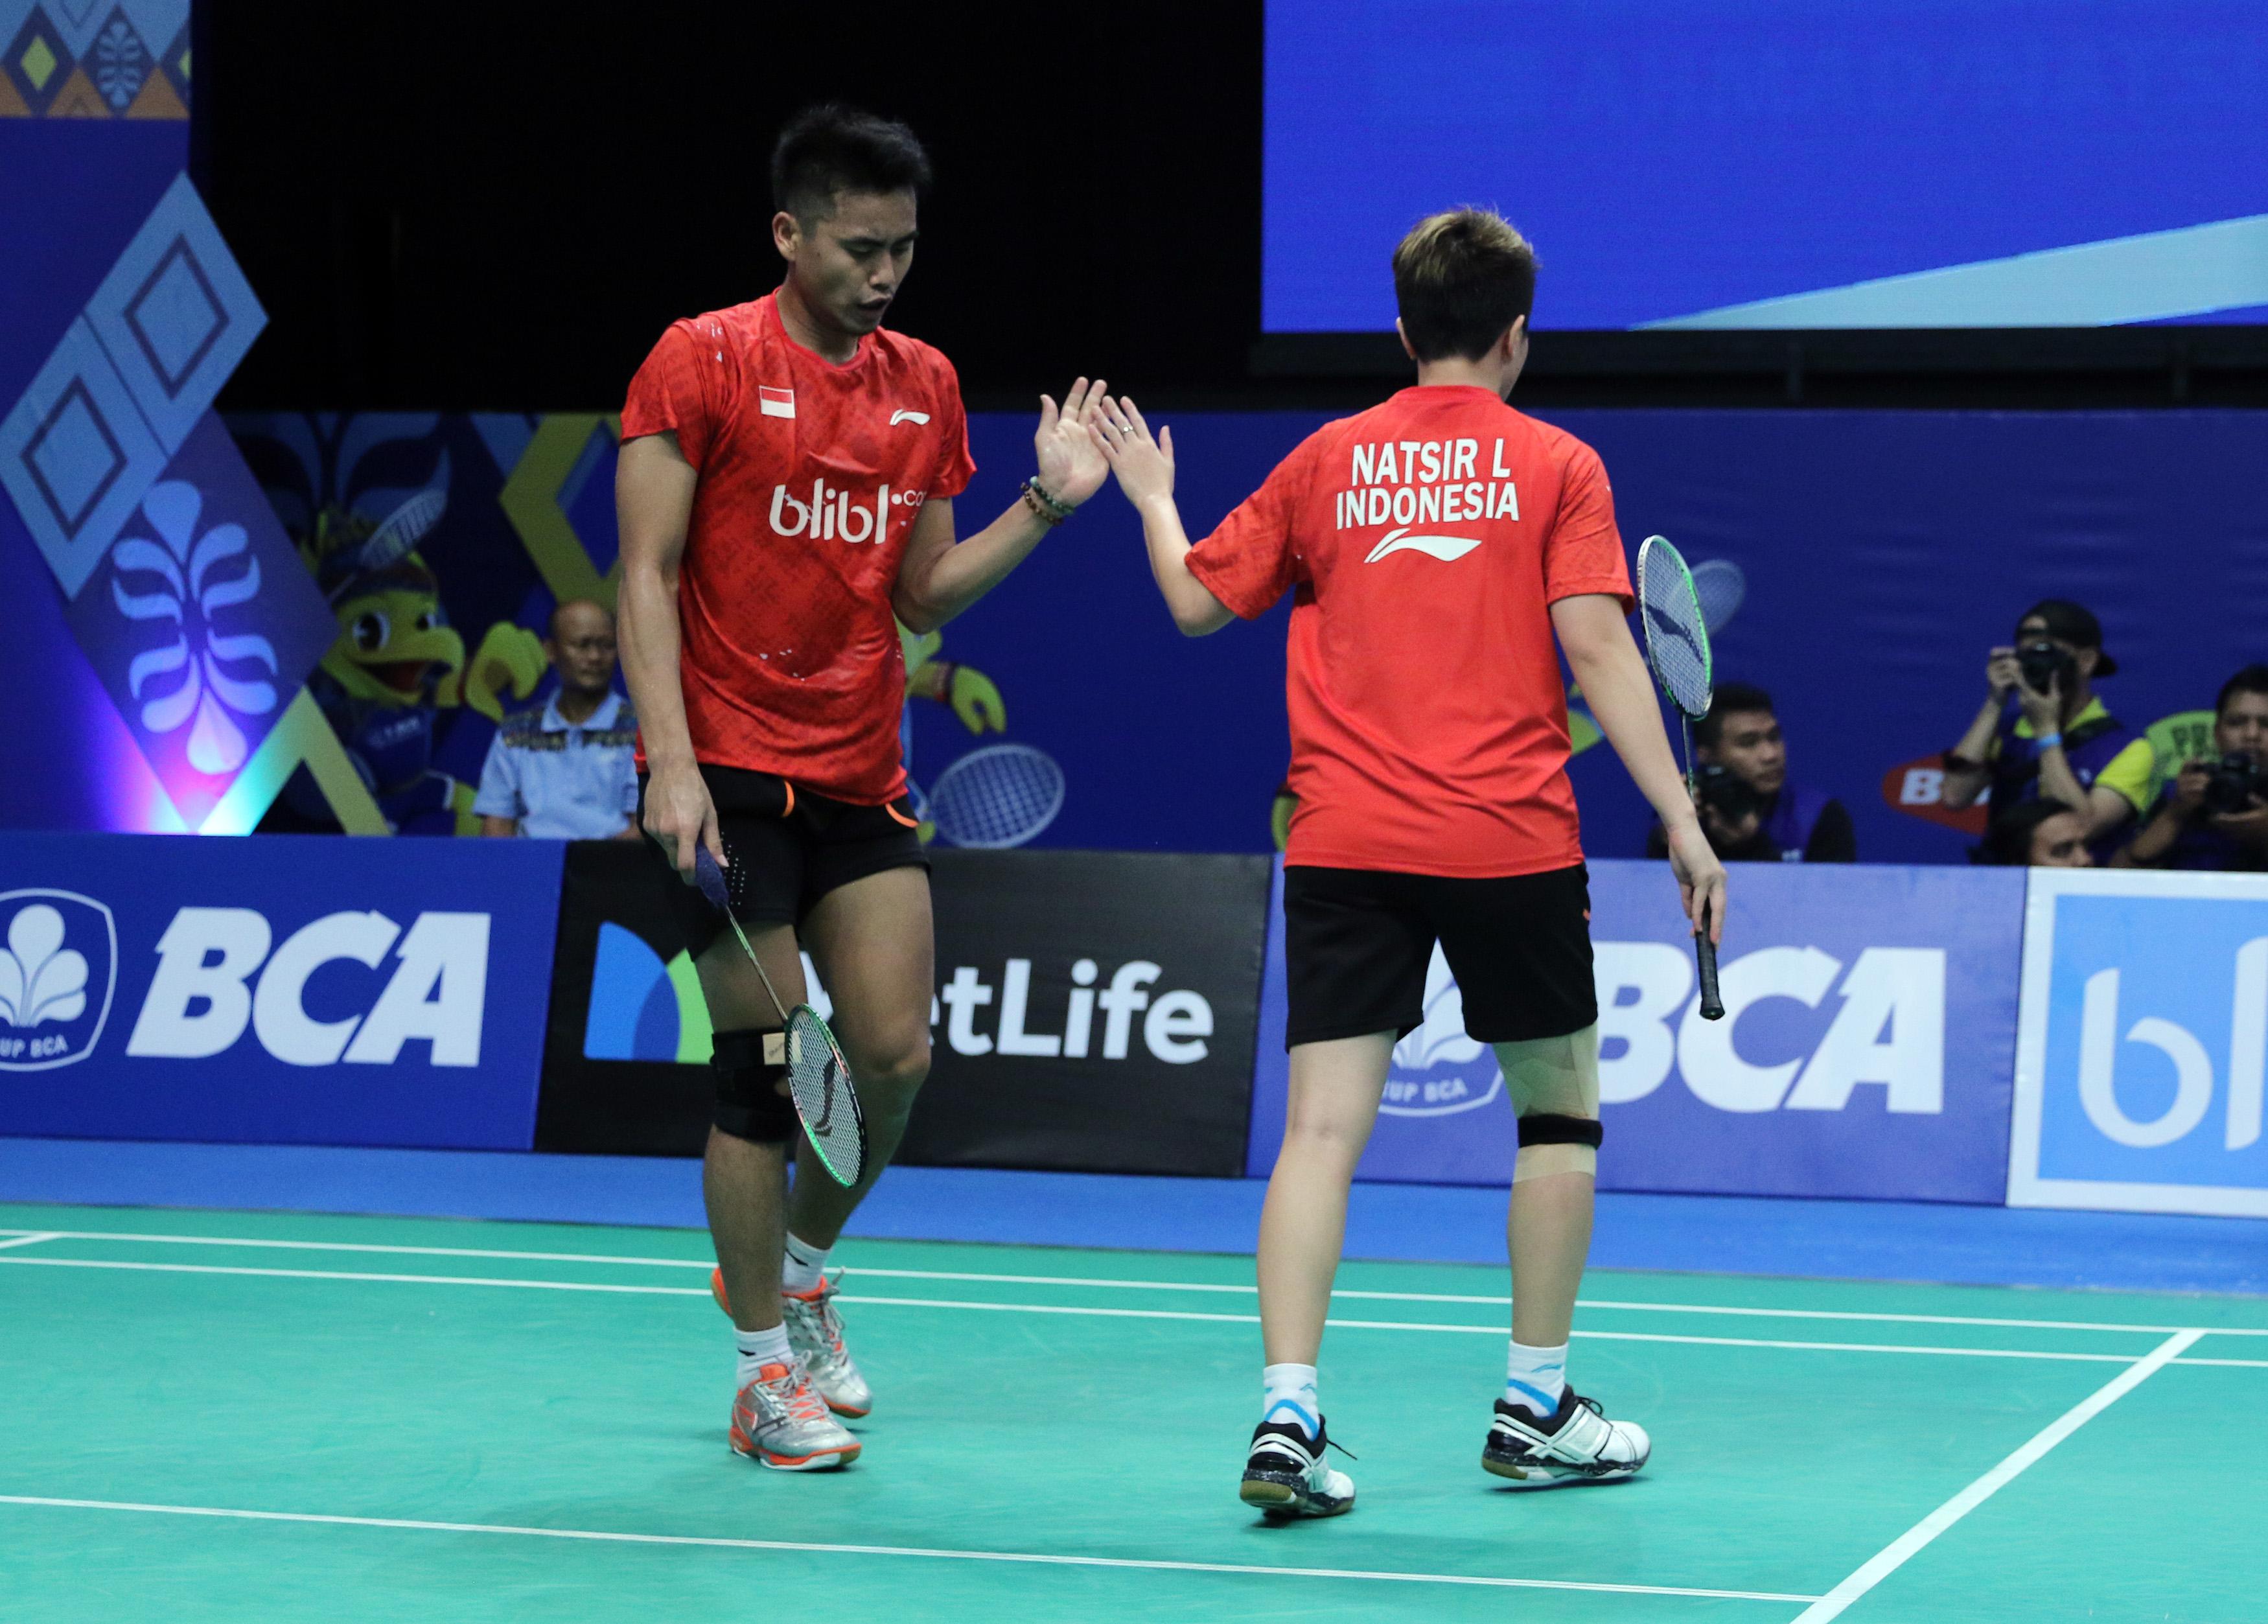 Indonesia Open 2017 Daftar pemain Indonesia di perempat final